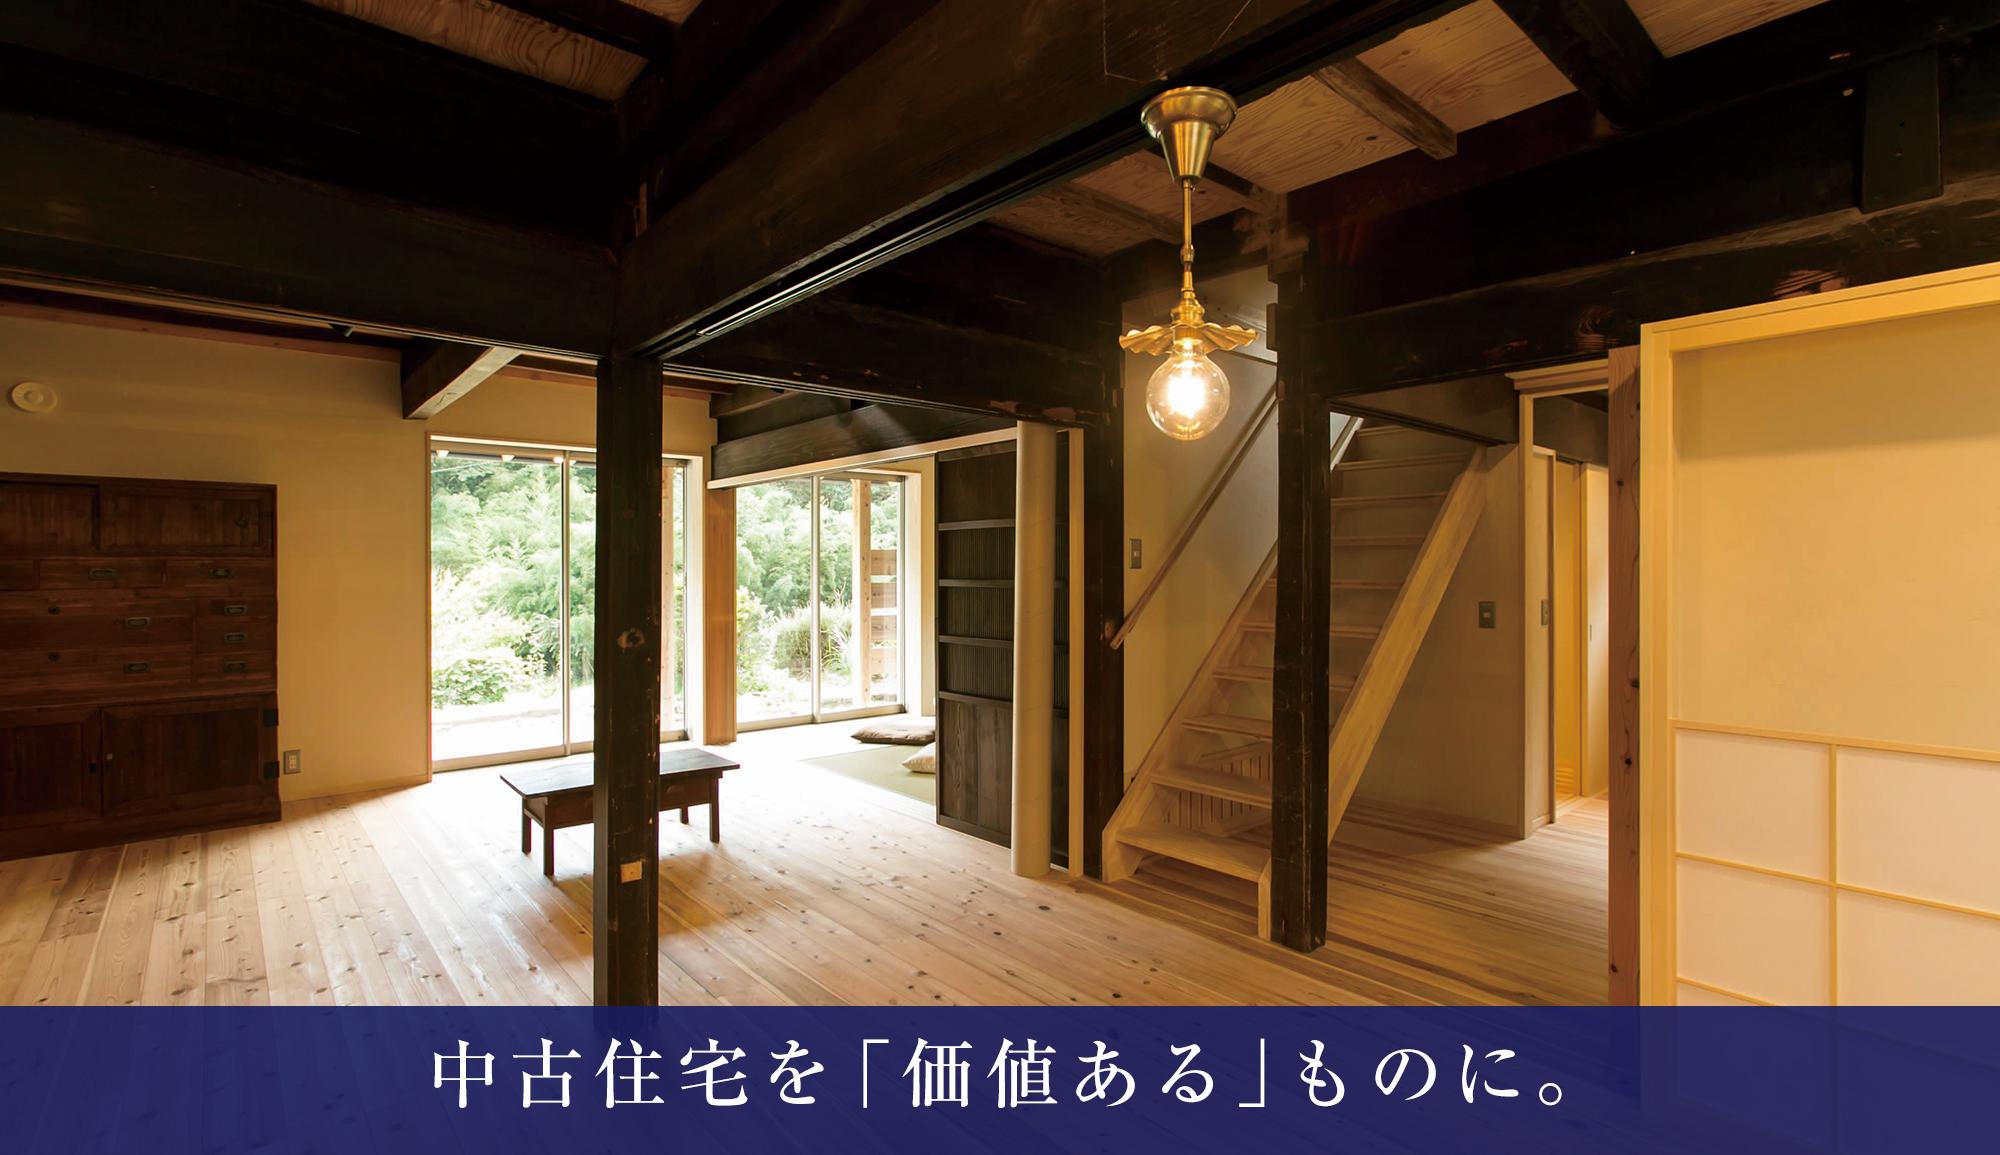 静岡ストックハウス|静岡|浜松